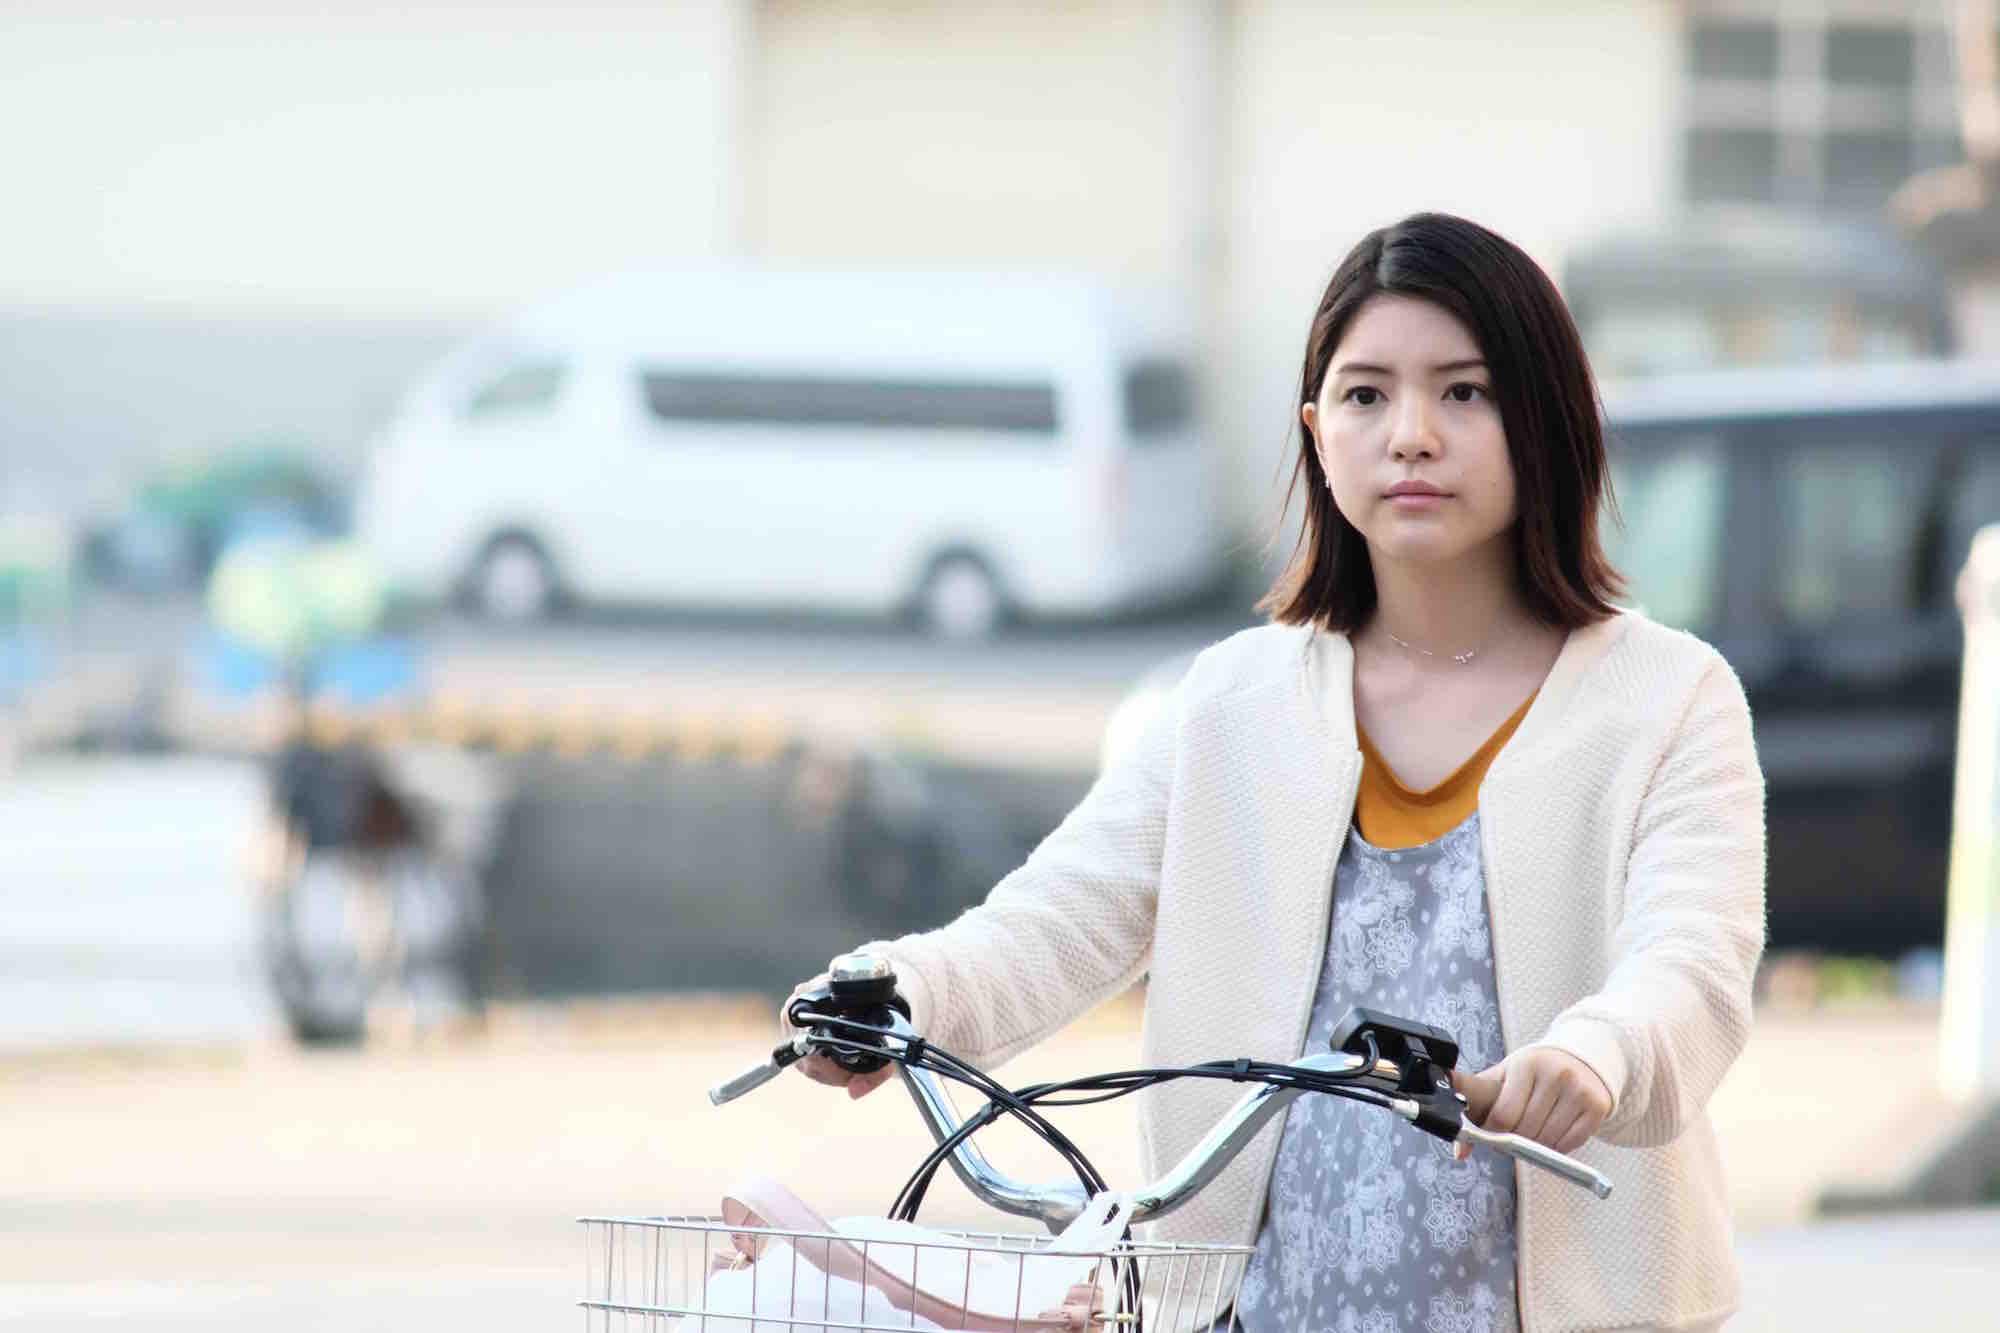 女優・川島海荷、テレ東SPドラマ「琥珀」で工藤阿須加と初共演